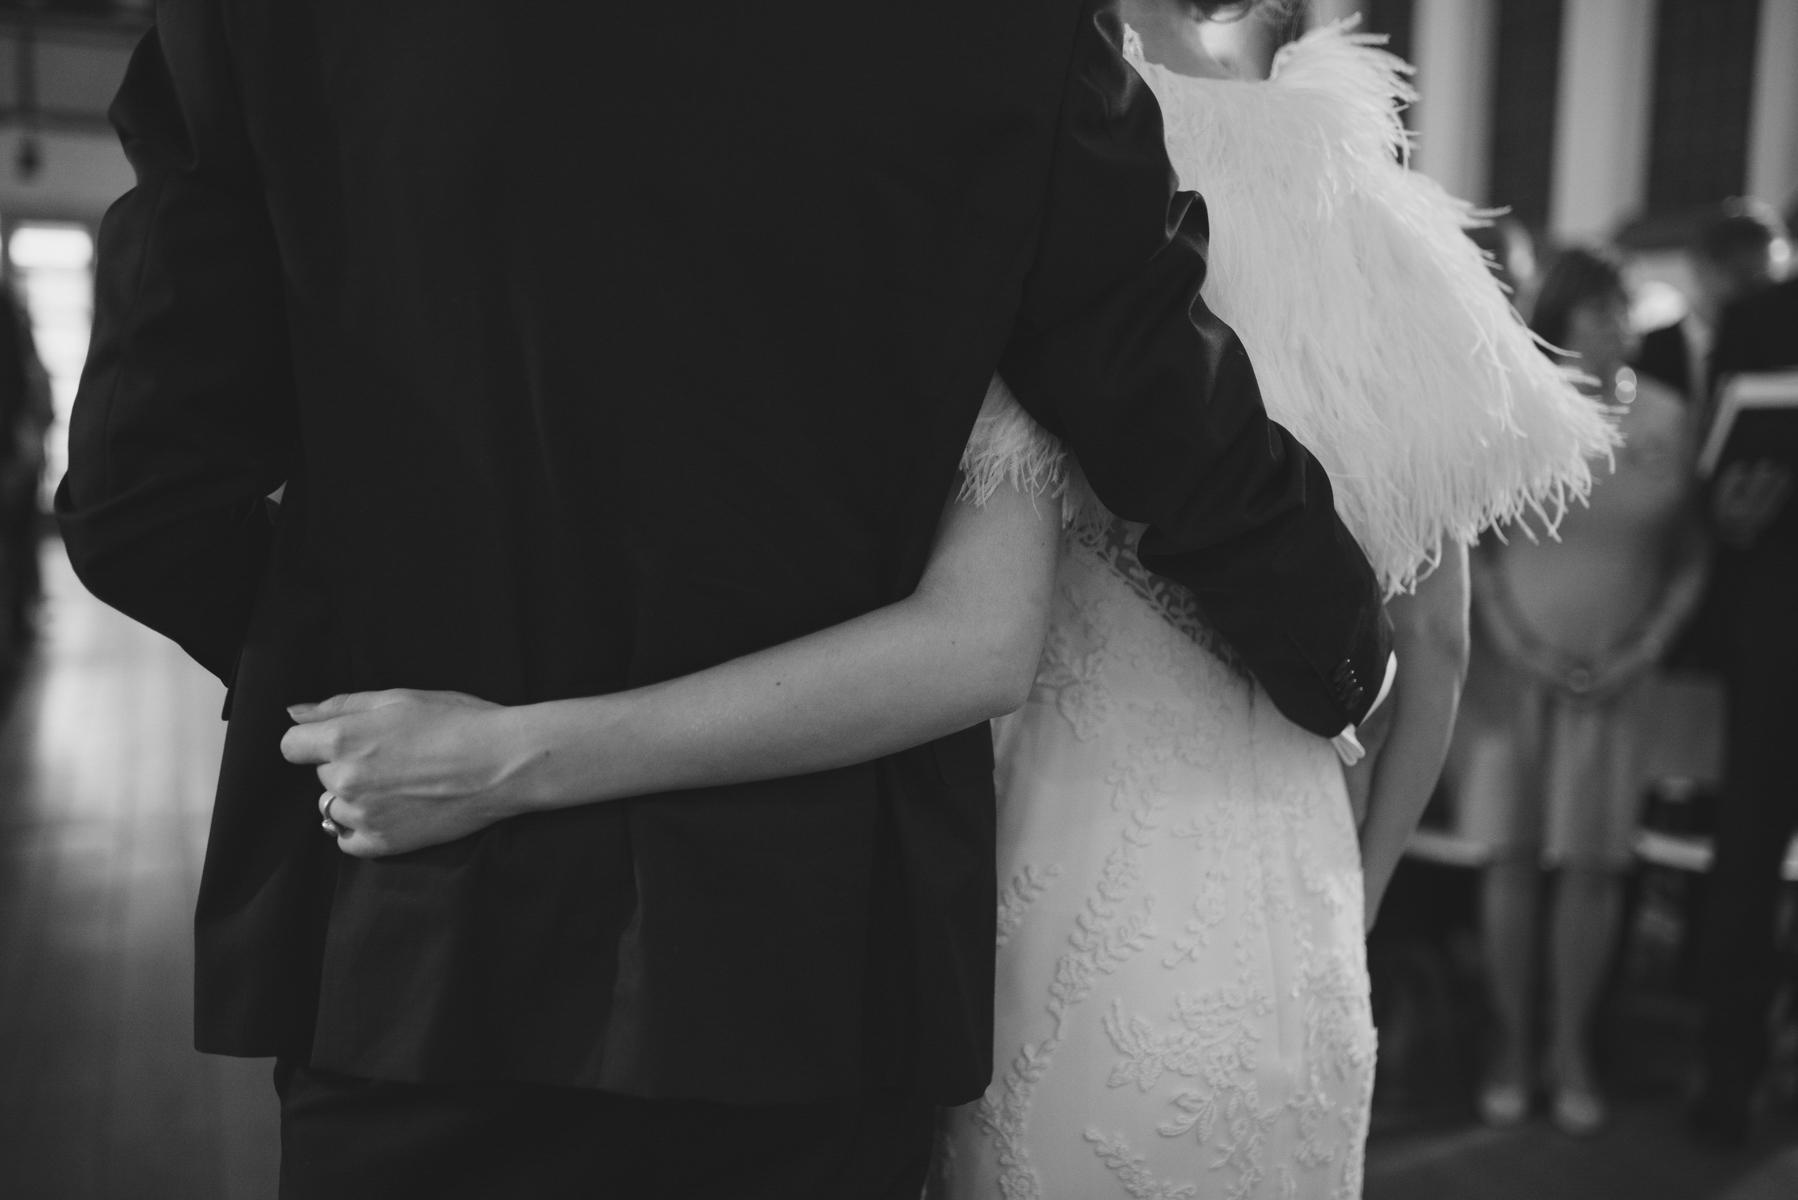 Martijn en Anna trouwen (91 van 98)